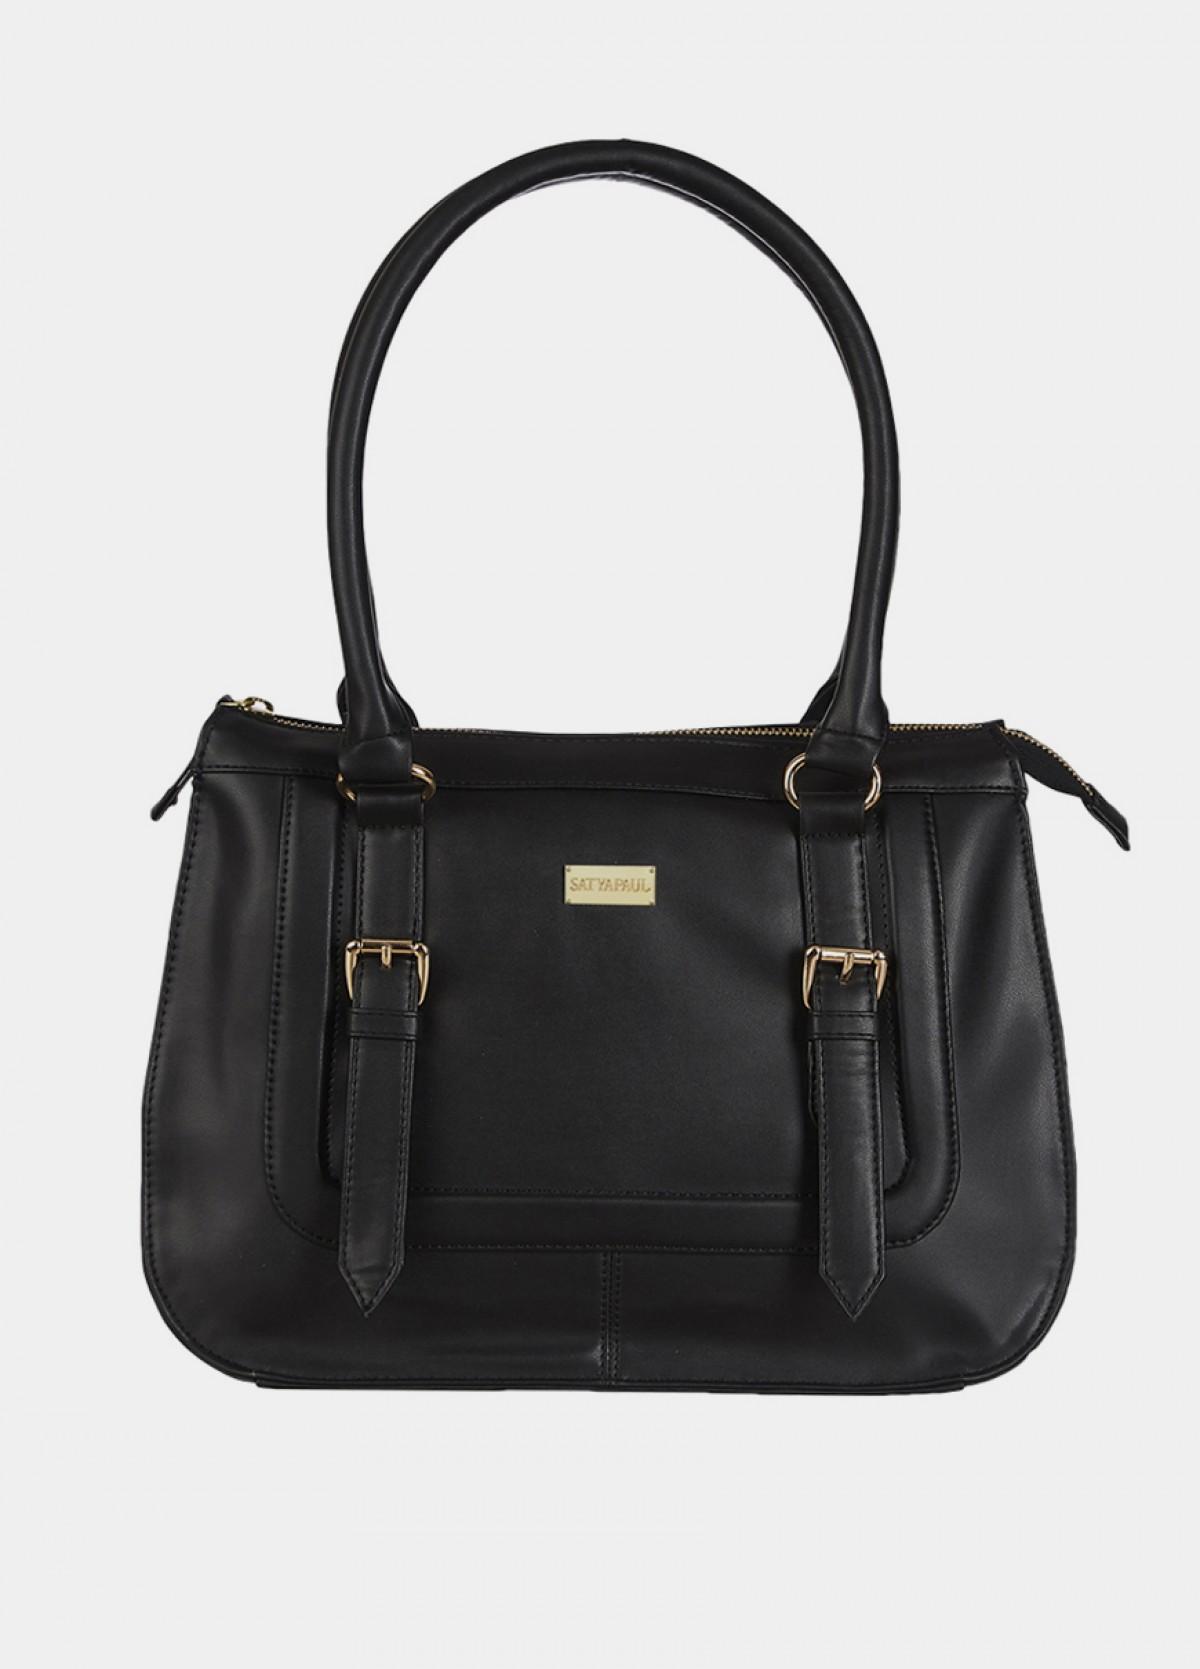 The Black Shoulder Bag